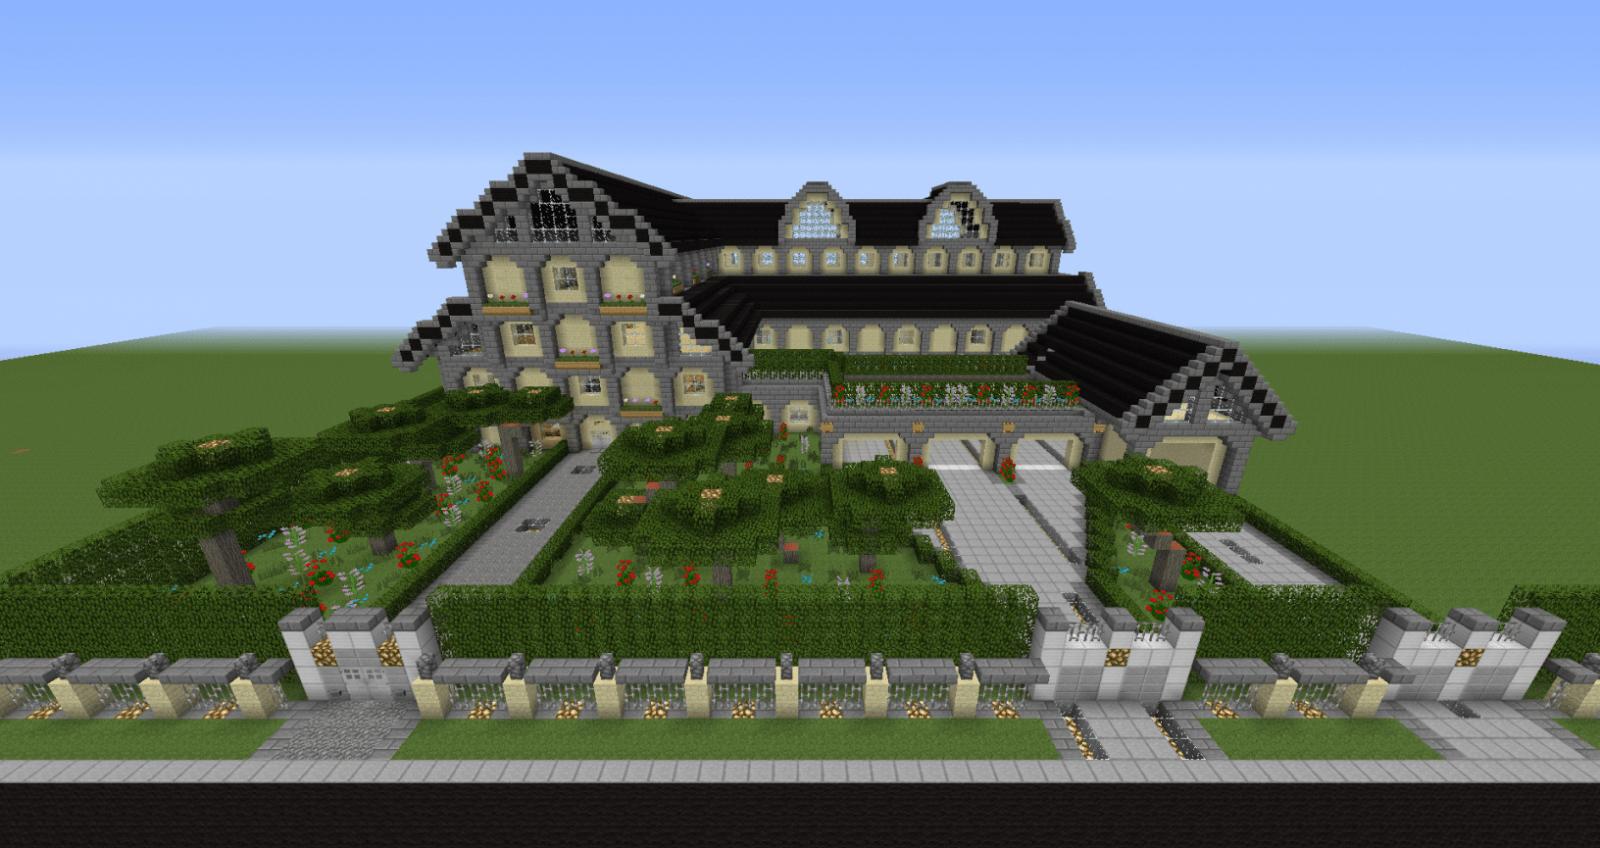 Minecraft Haus Bauplan Grundriss Wohnung Erstellen With Minecraft von Minecraft Haus Bauplan Erstellen Photo